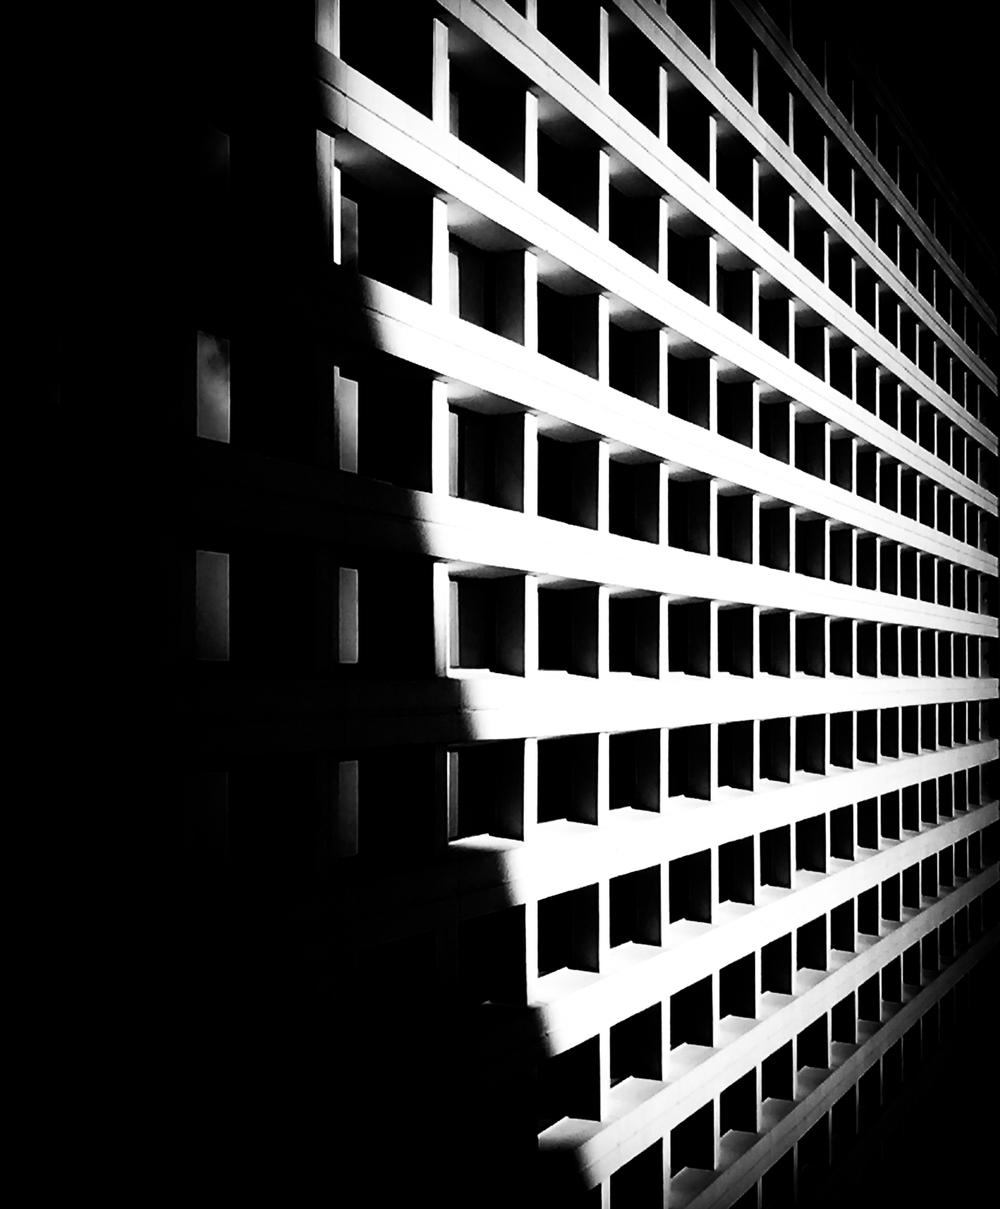 Architecture_05.jpg